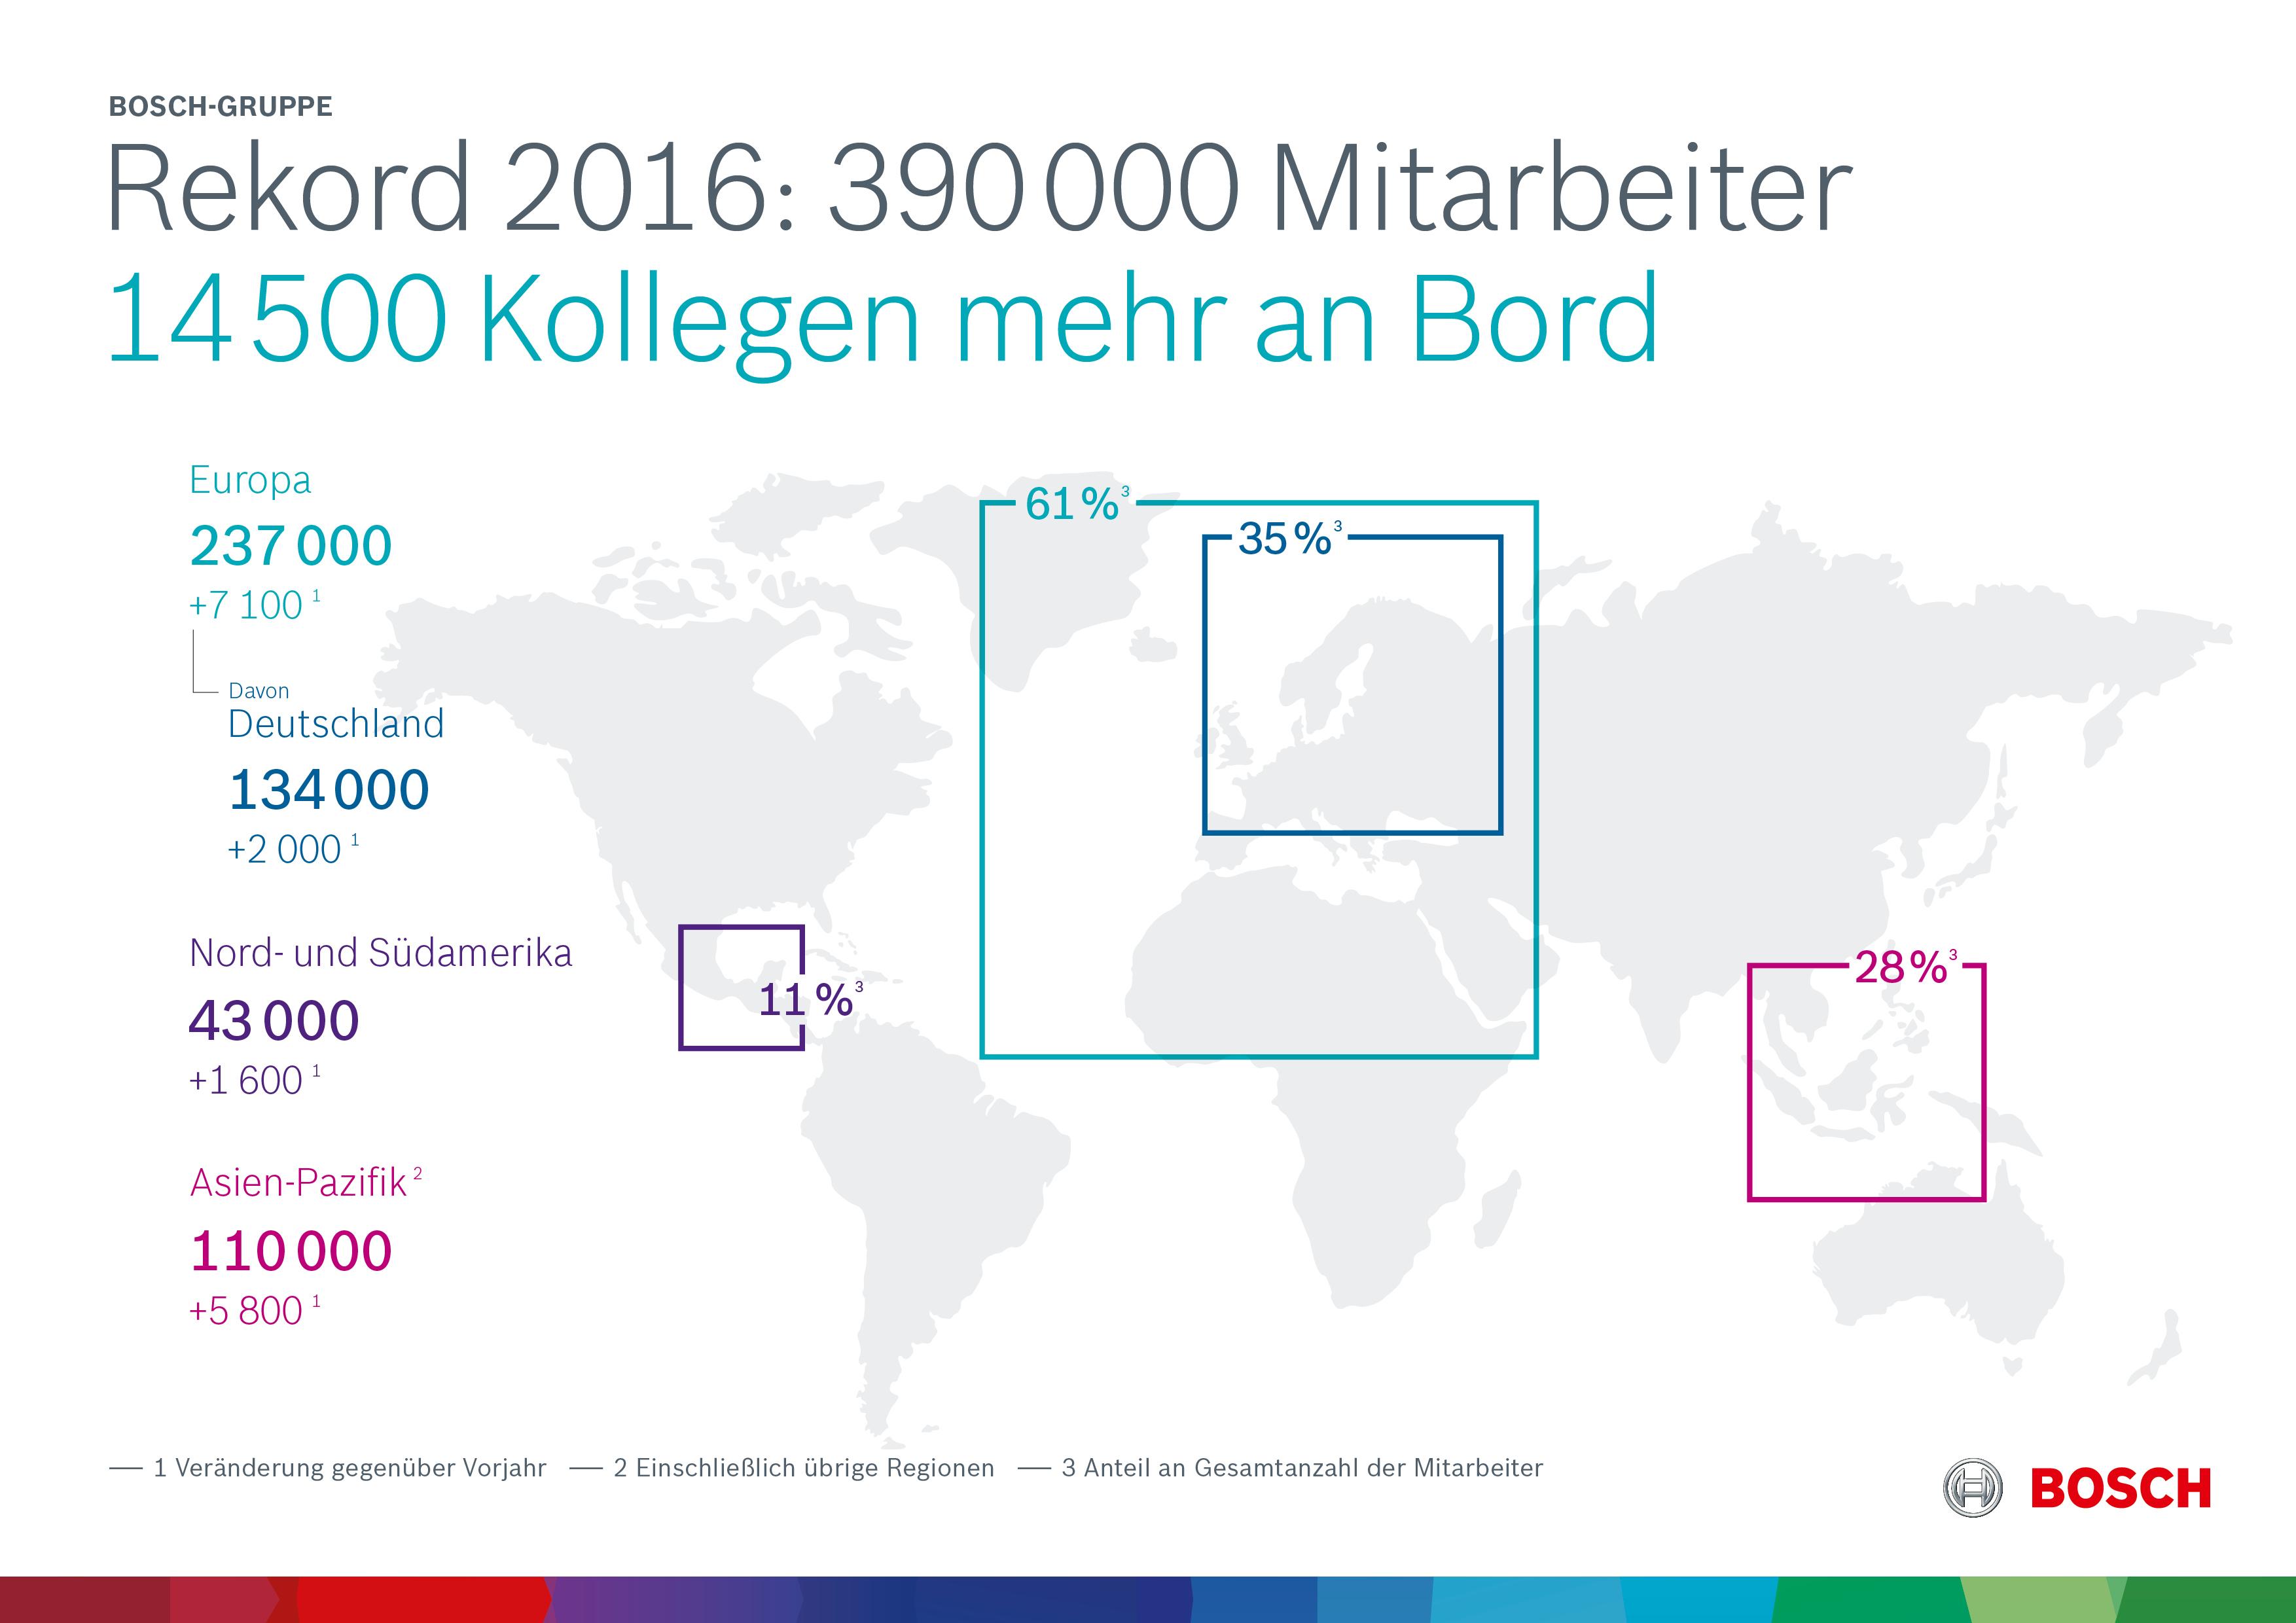 Geschäftsjahr 2016: 14 500 Kollegen mehr an Bord